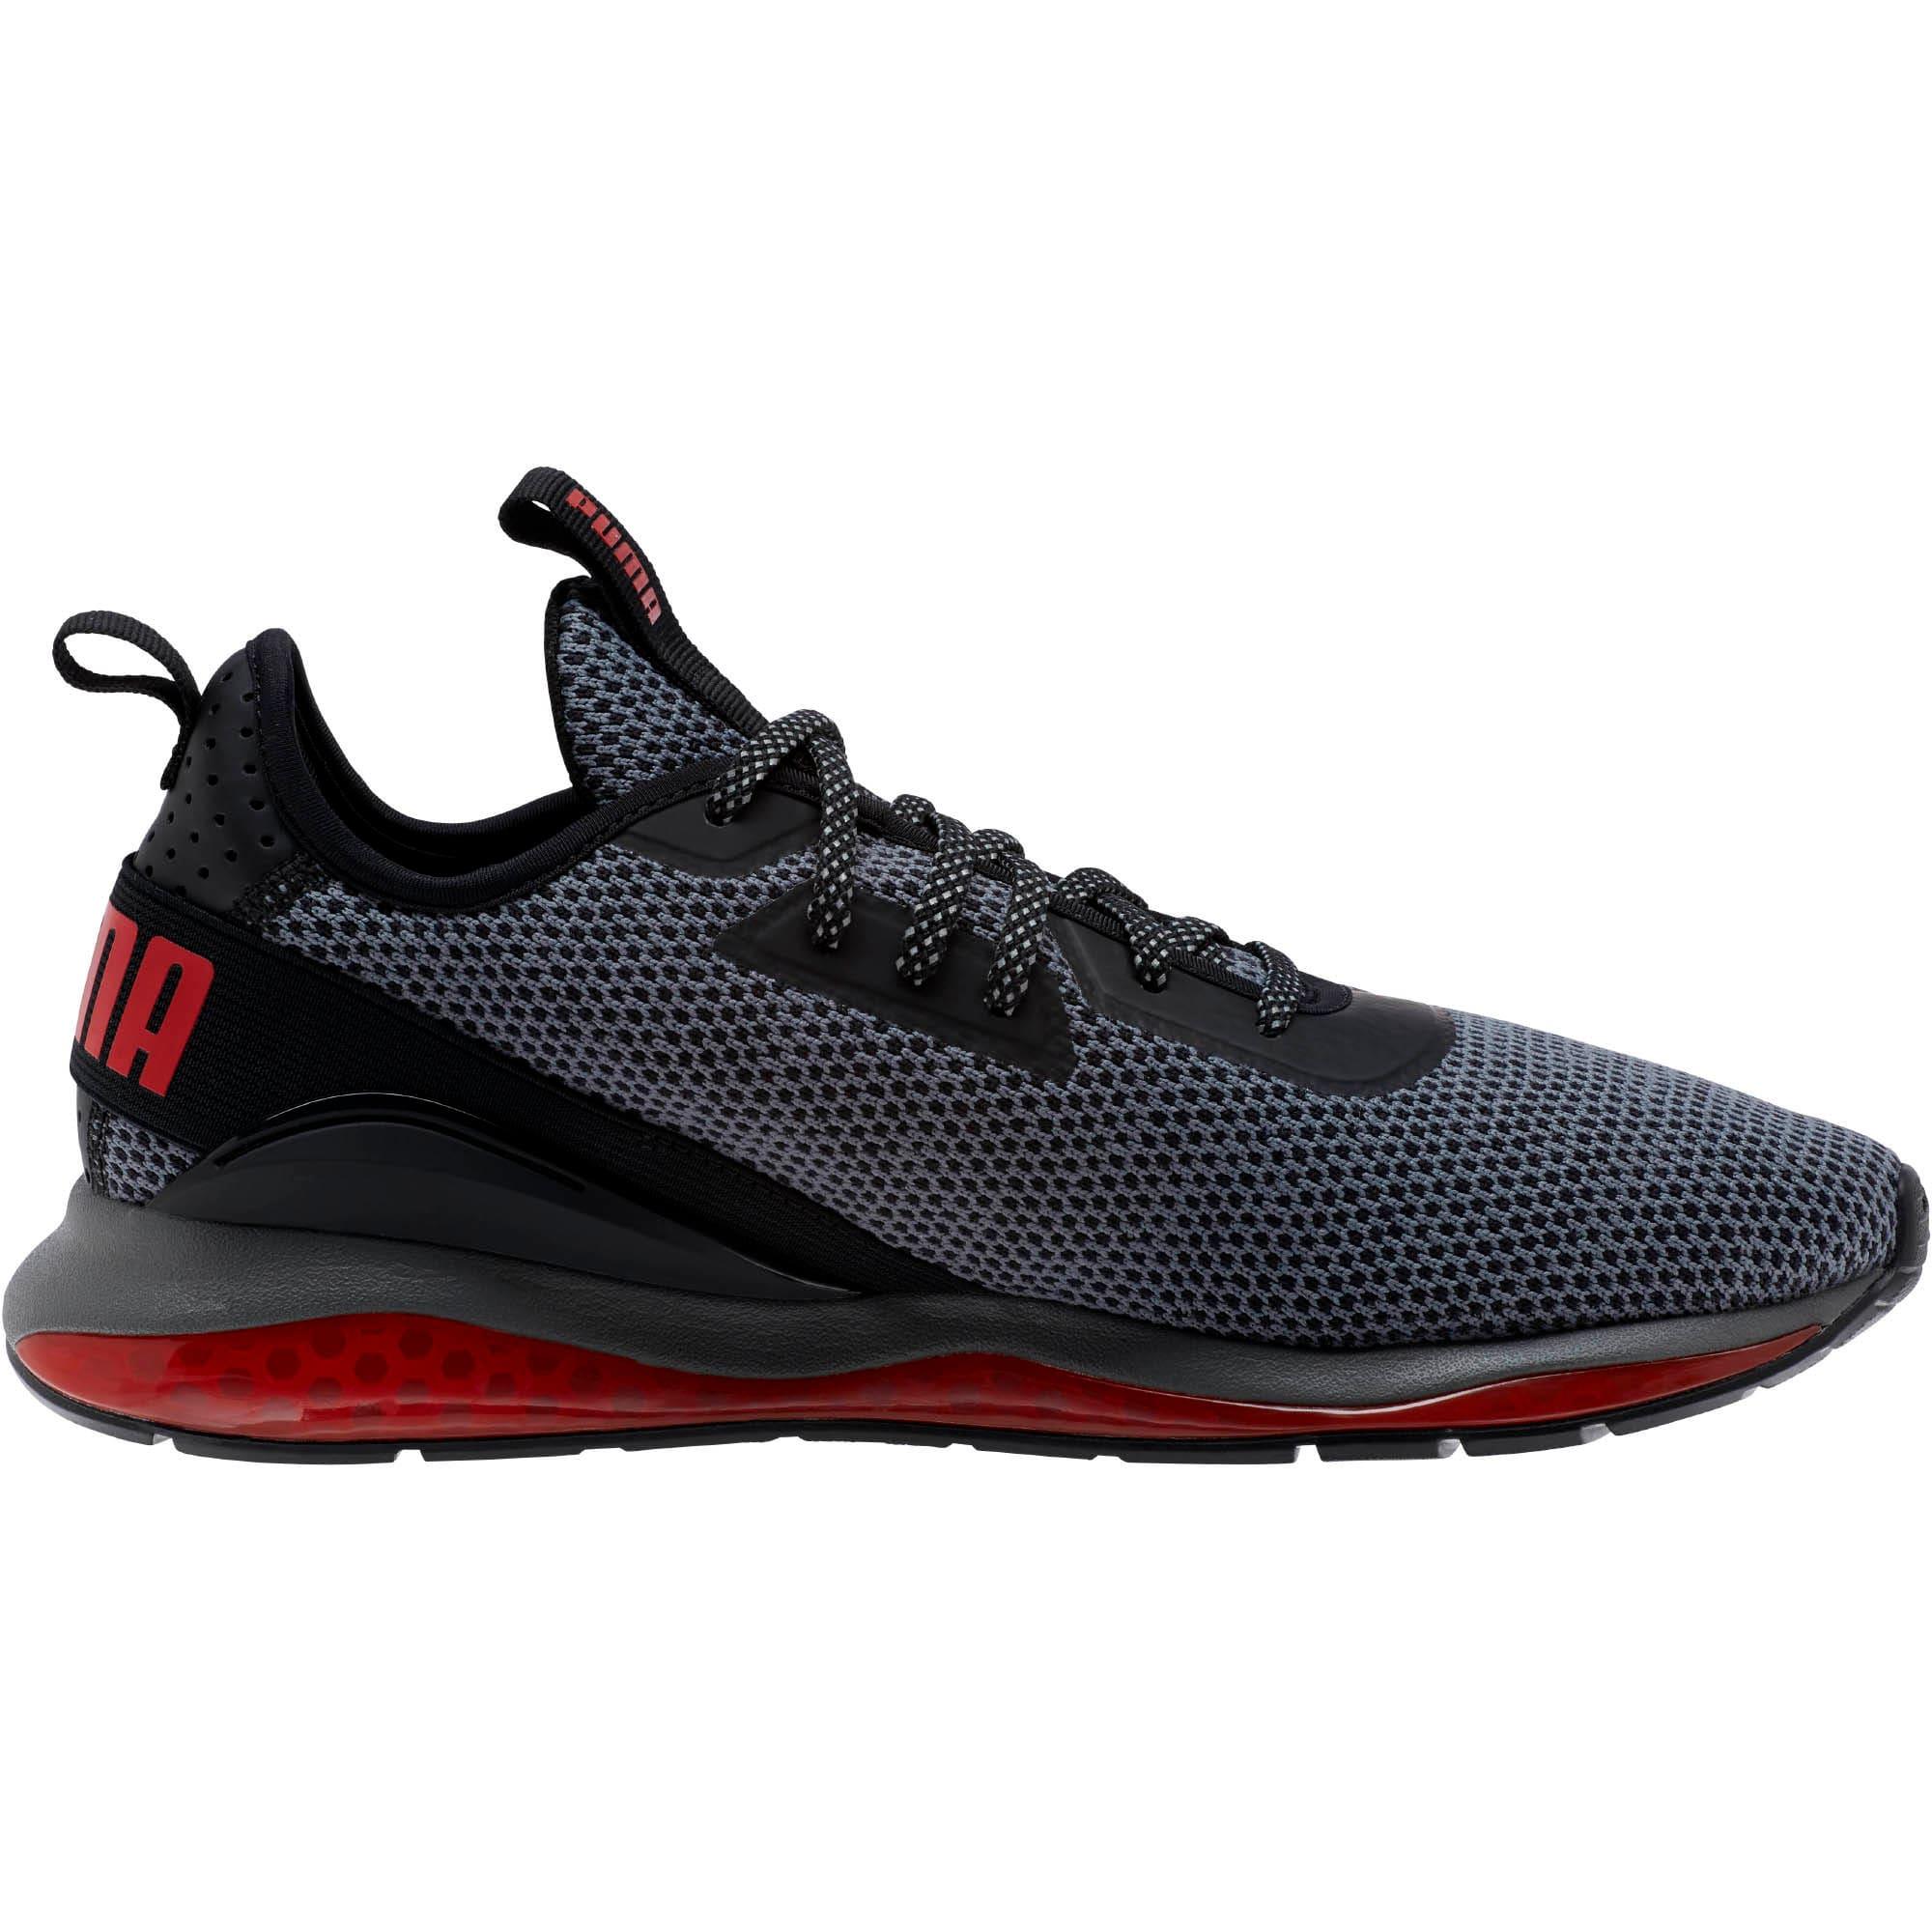 Thumbnail 3 of Cell Descend Men's Running Shoes, Pma Blk-Rbn Rd-Pma Agd Slvr, medium